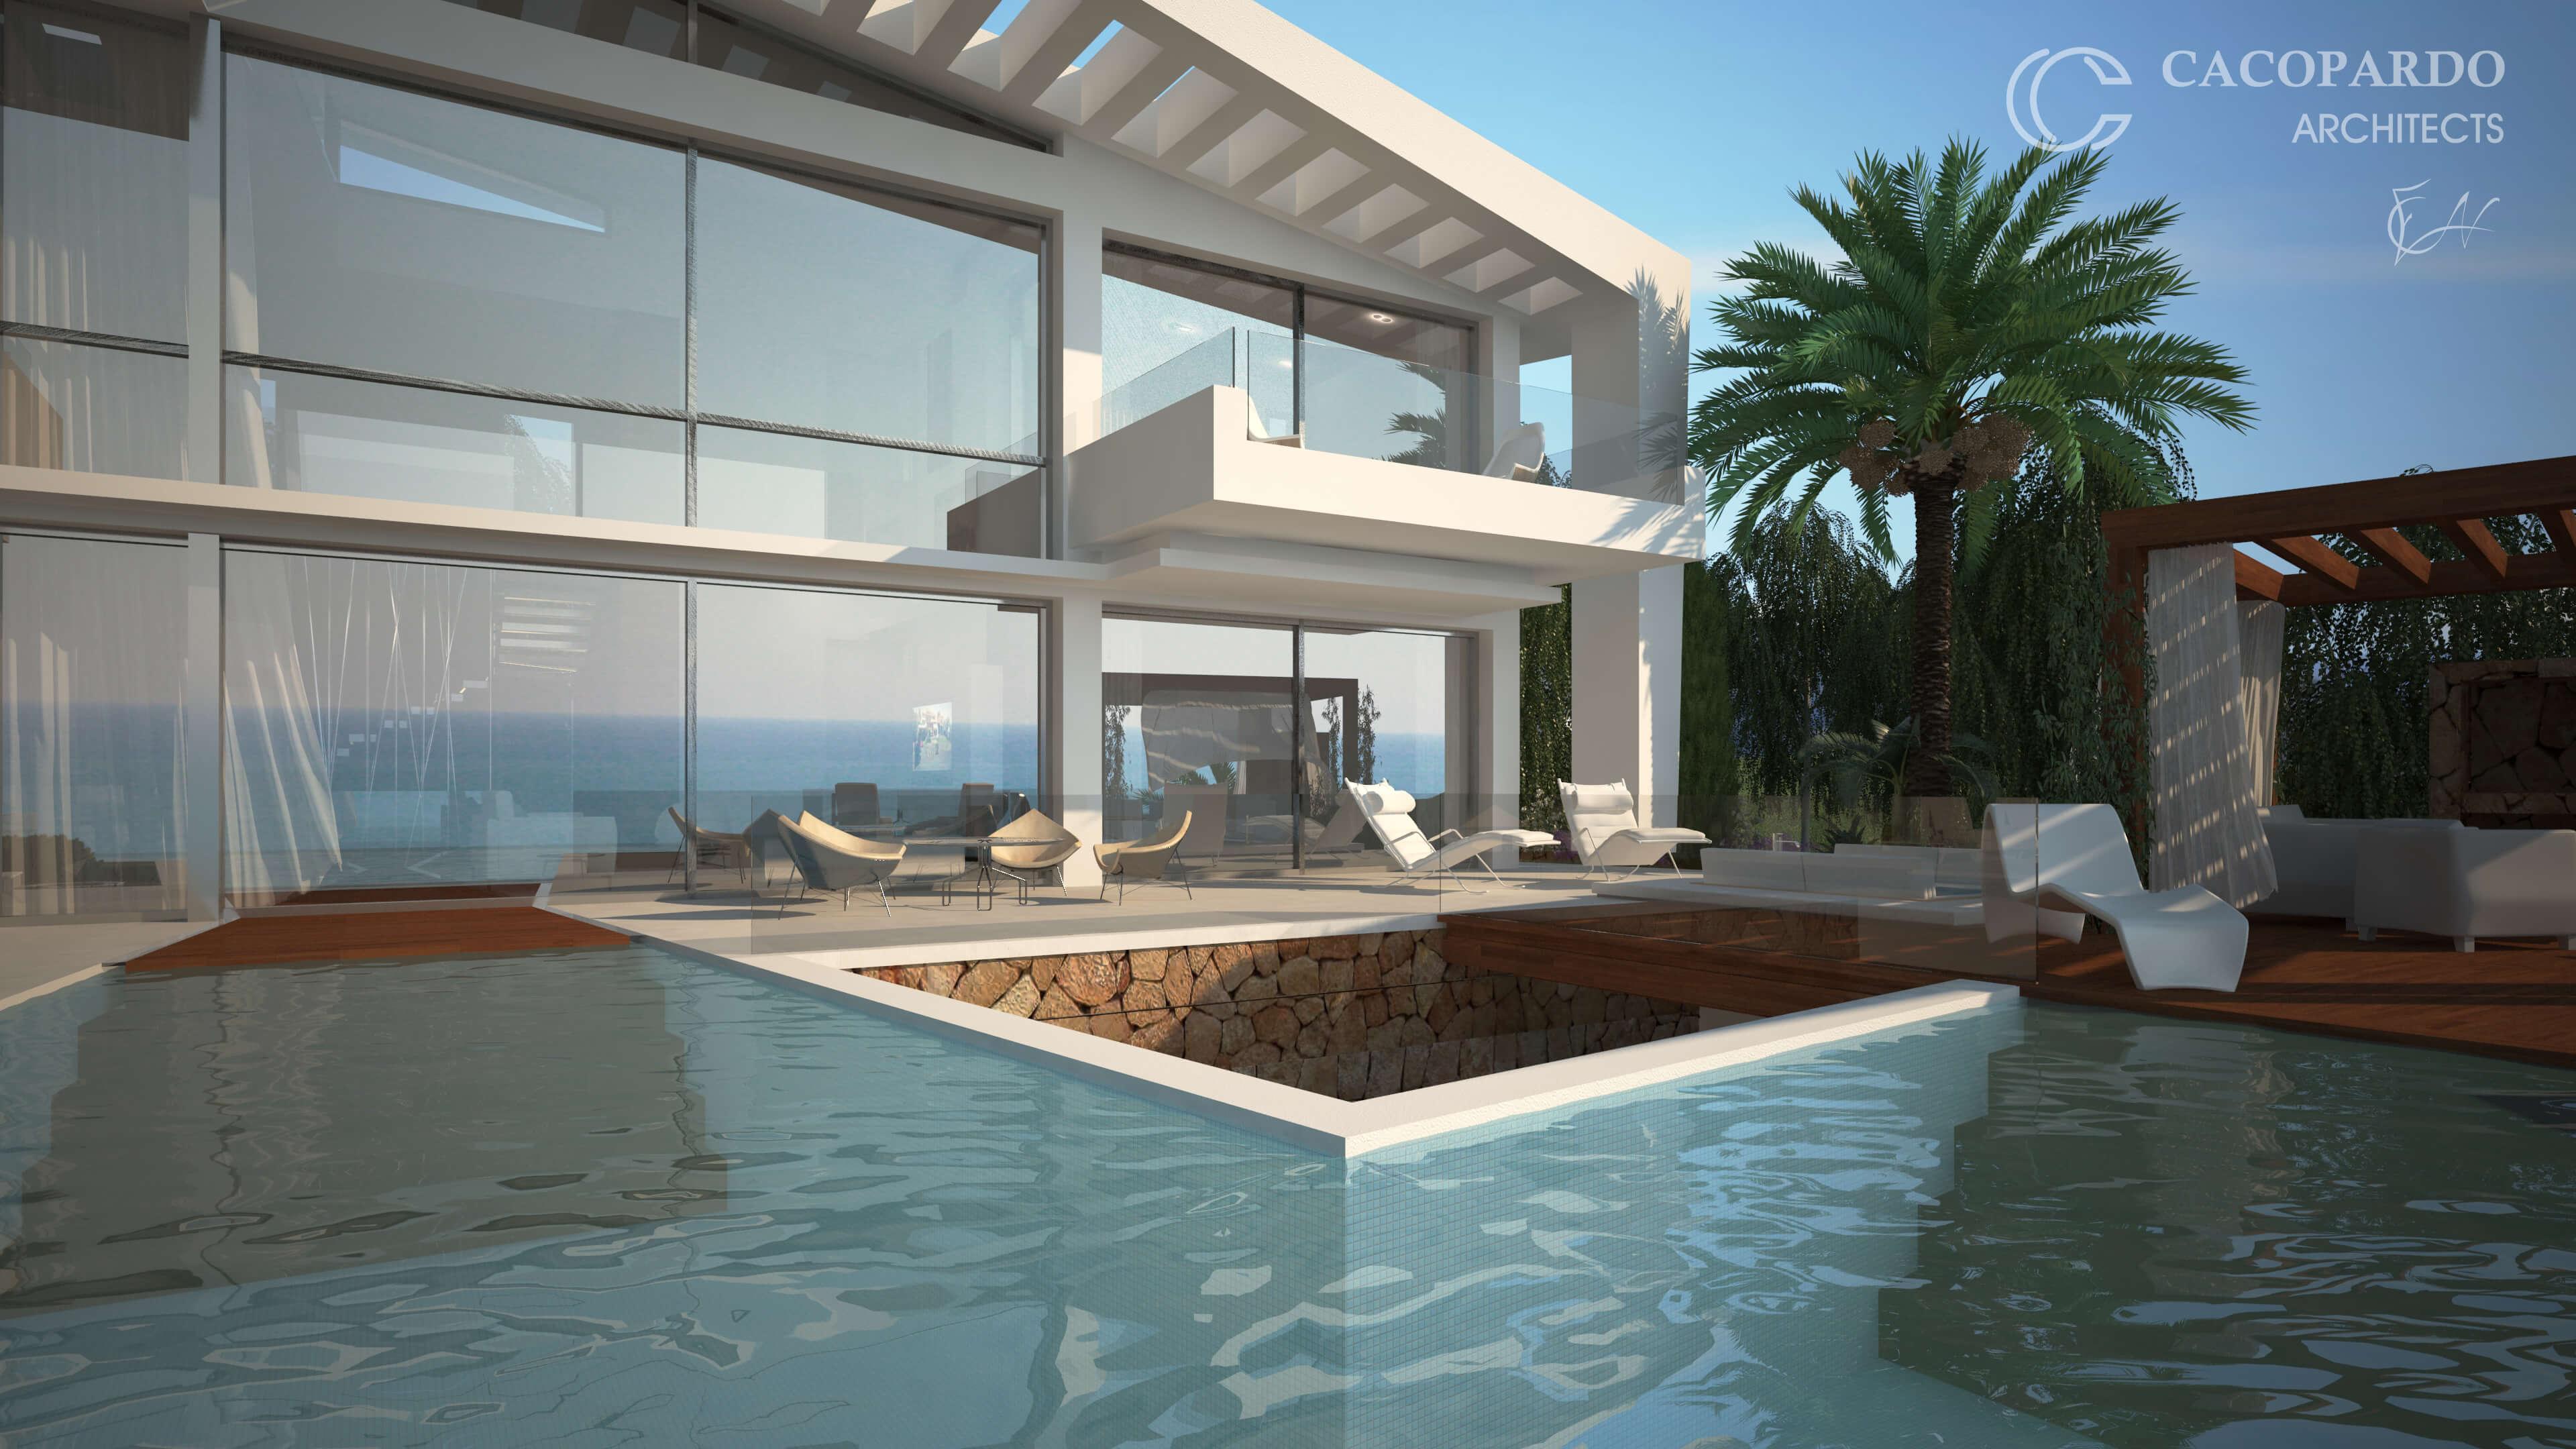 Vista de la piscina y la pérgola-Infinitum House- Costa del Sol